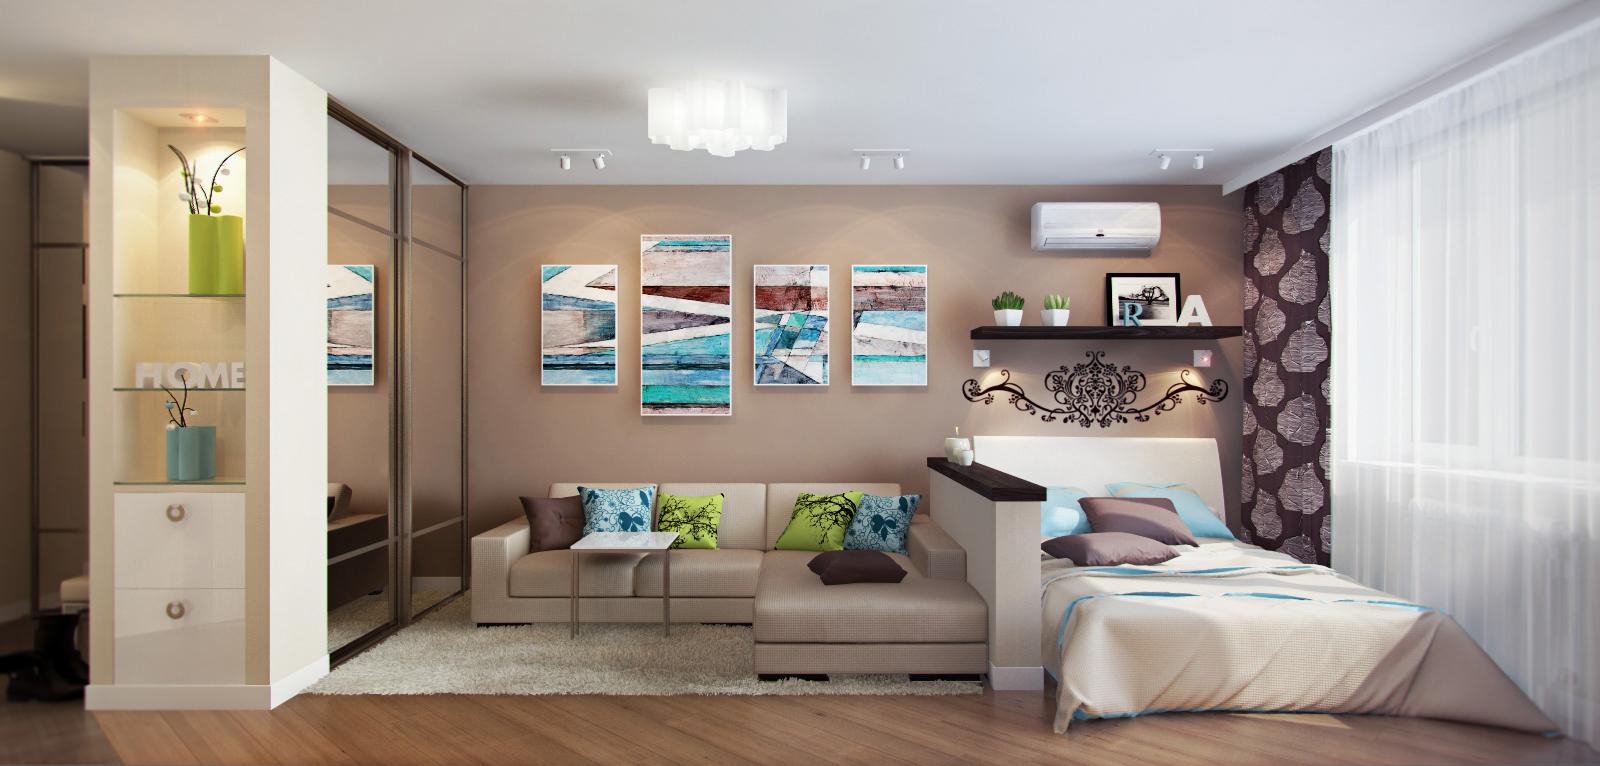 Гостиная спальня фото дизайн